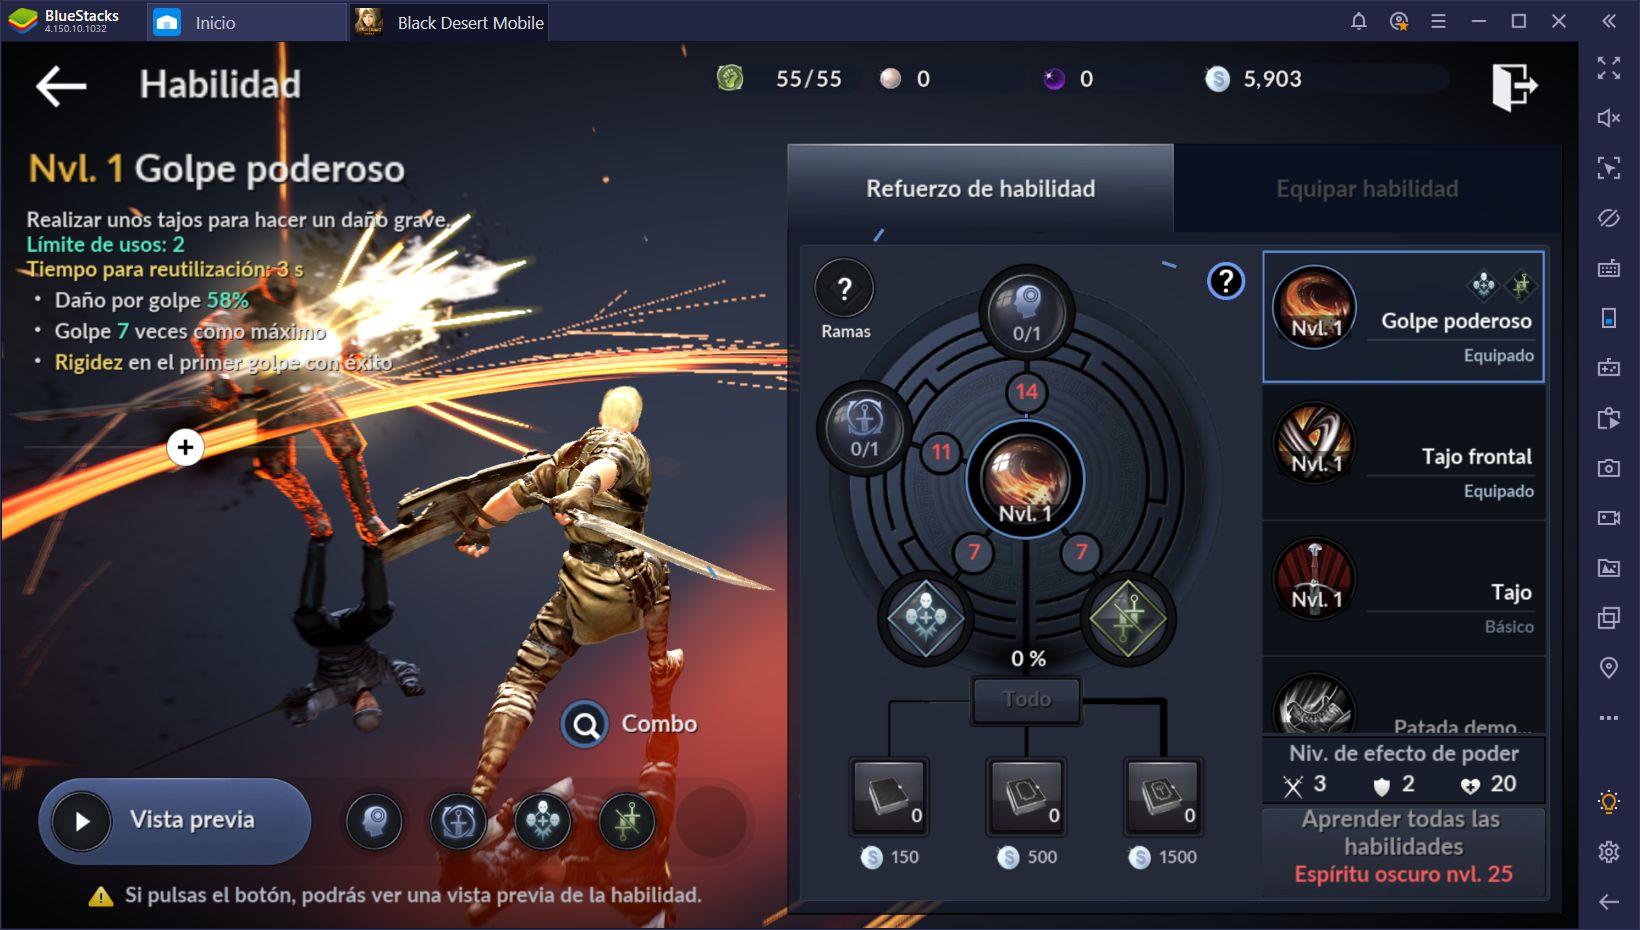 Black Desert Mobile en PC - Cómo Elegir la Clase Correcta